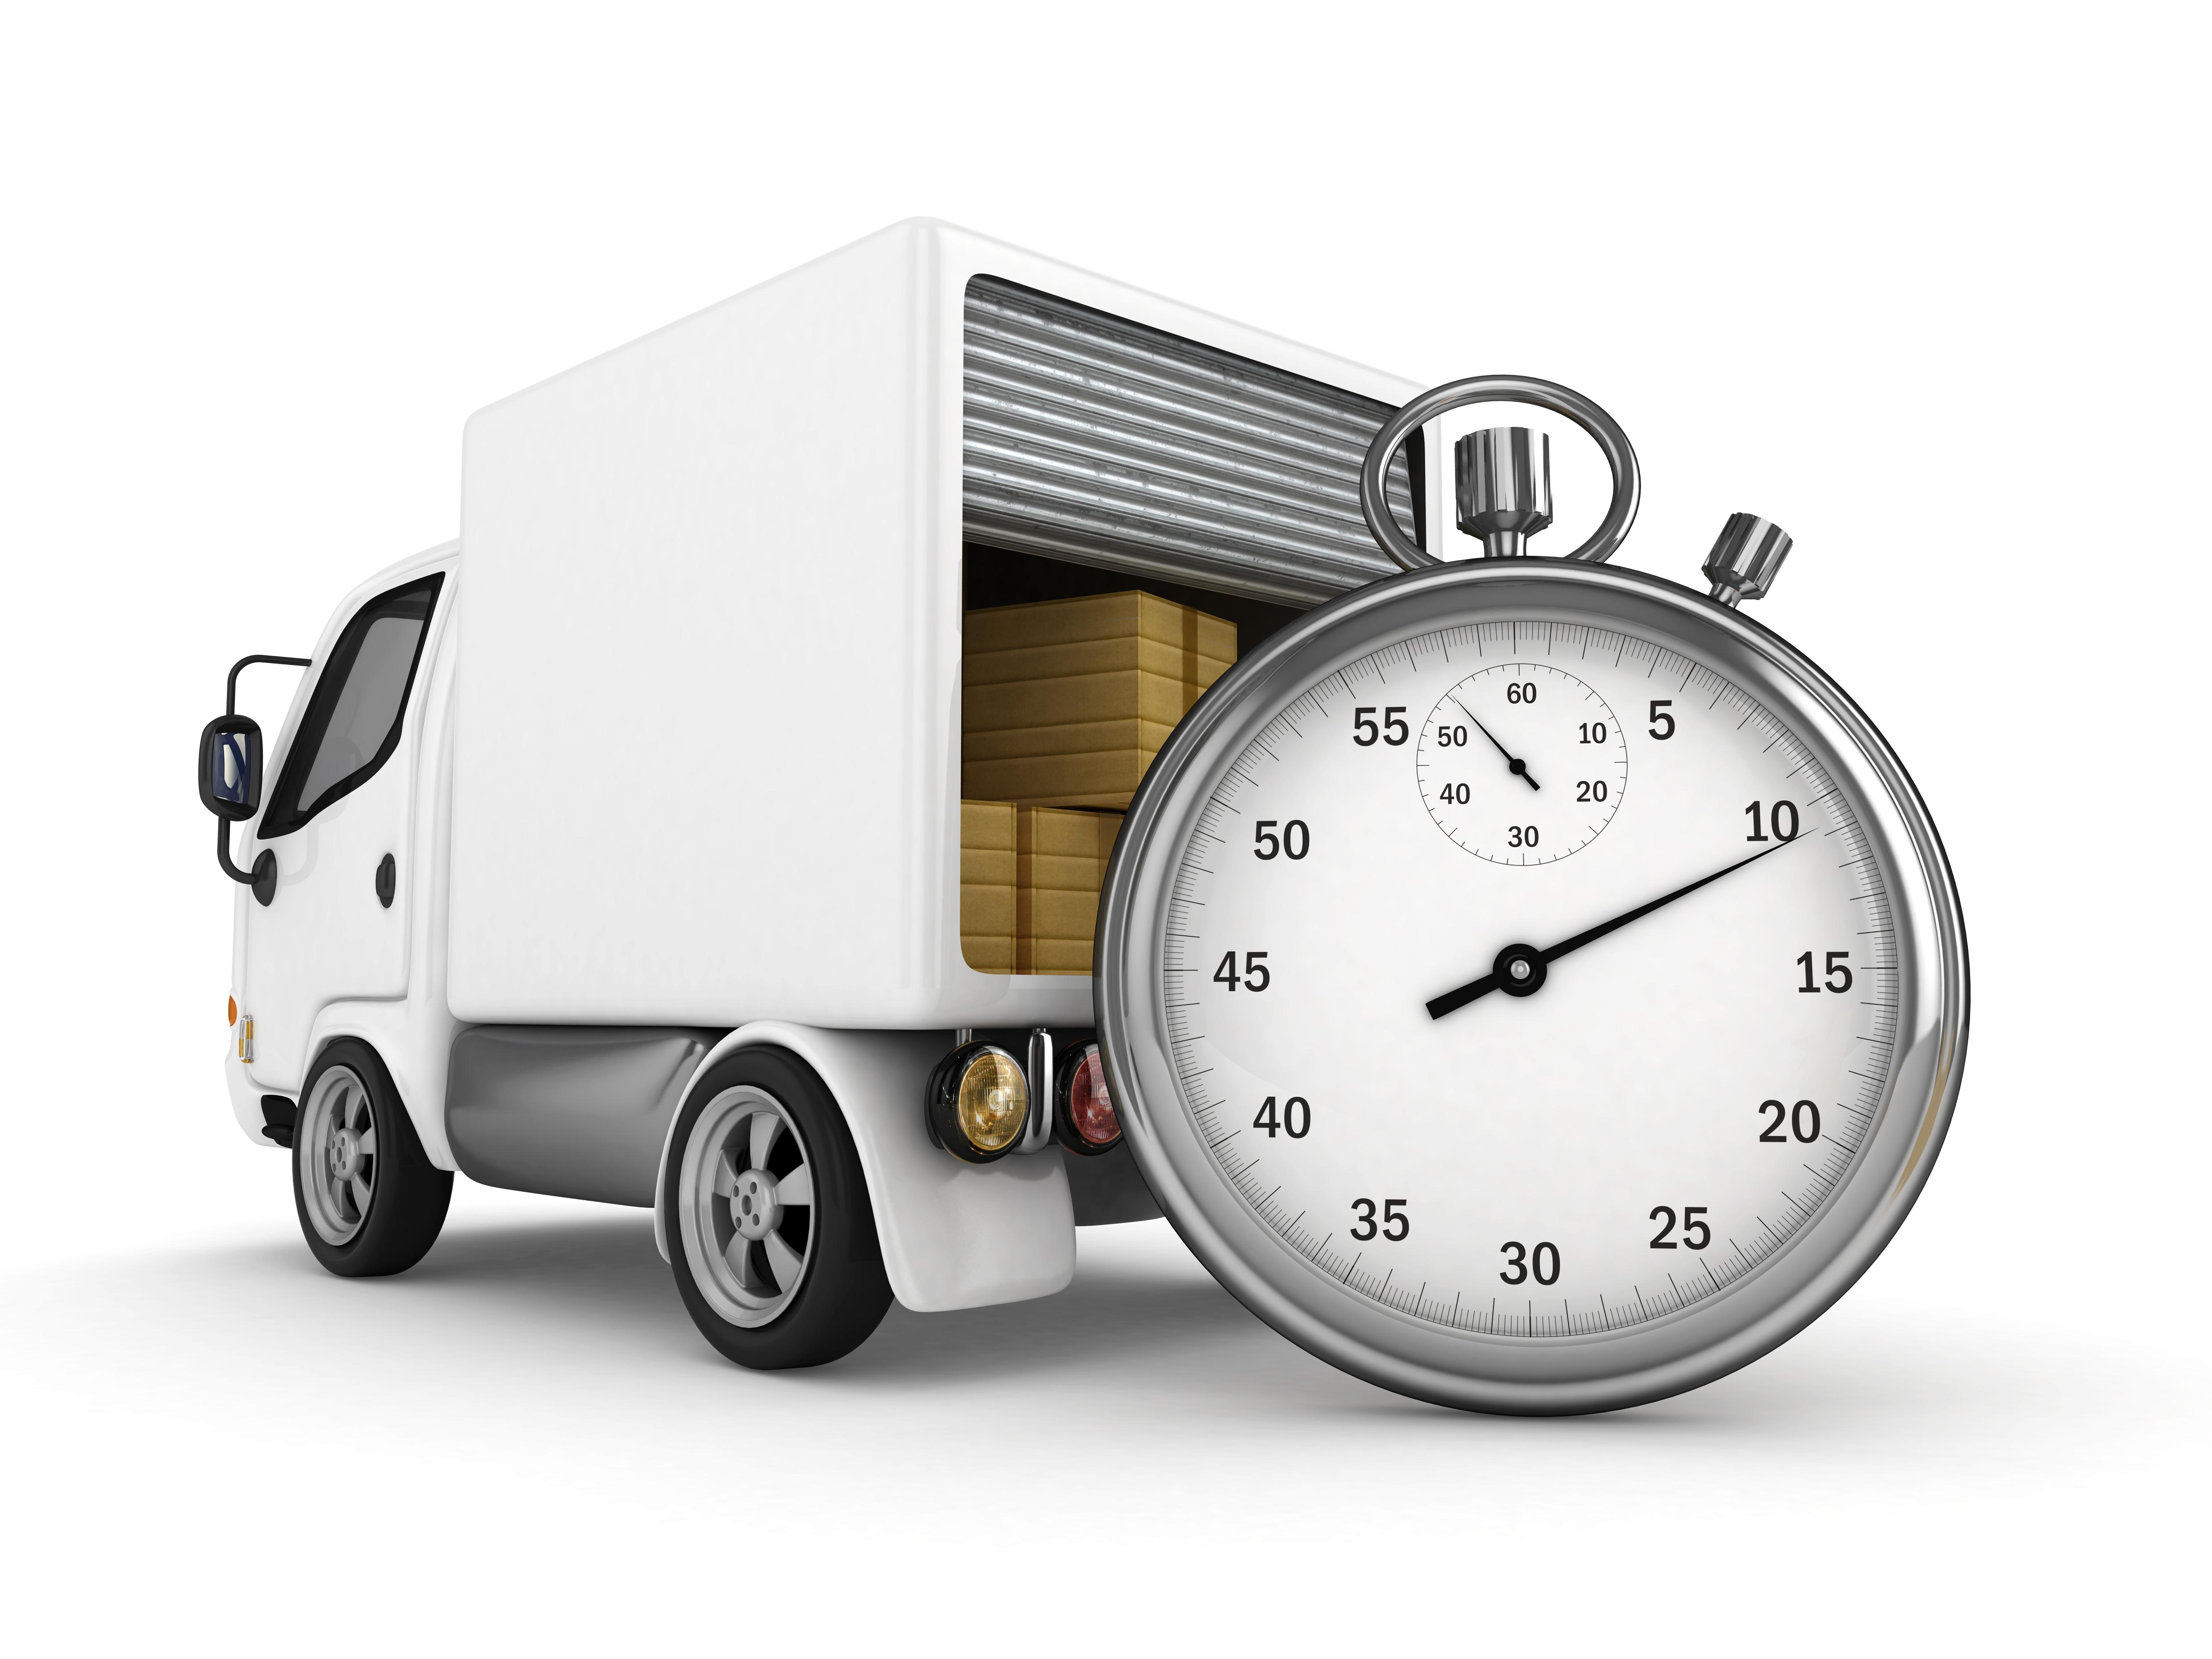 firma inchirieri masini transport marfa